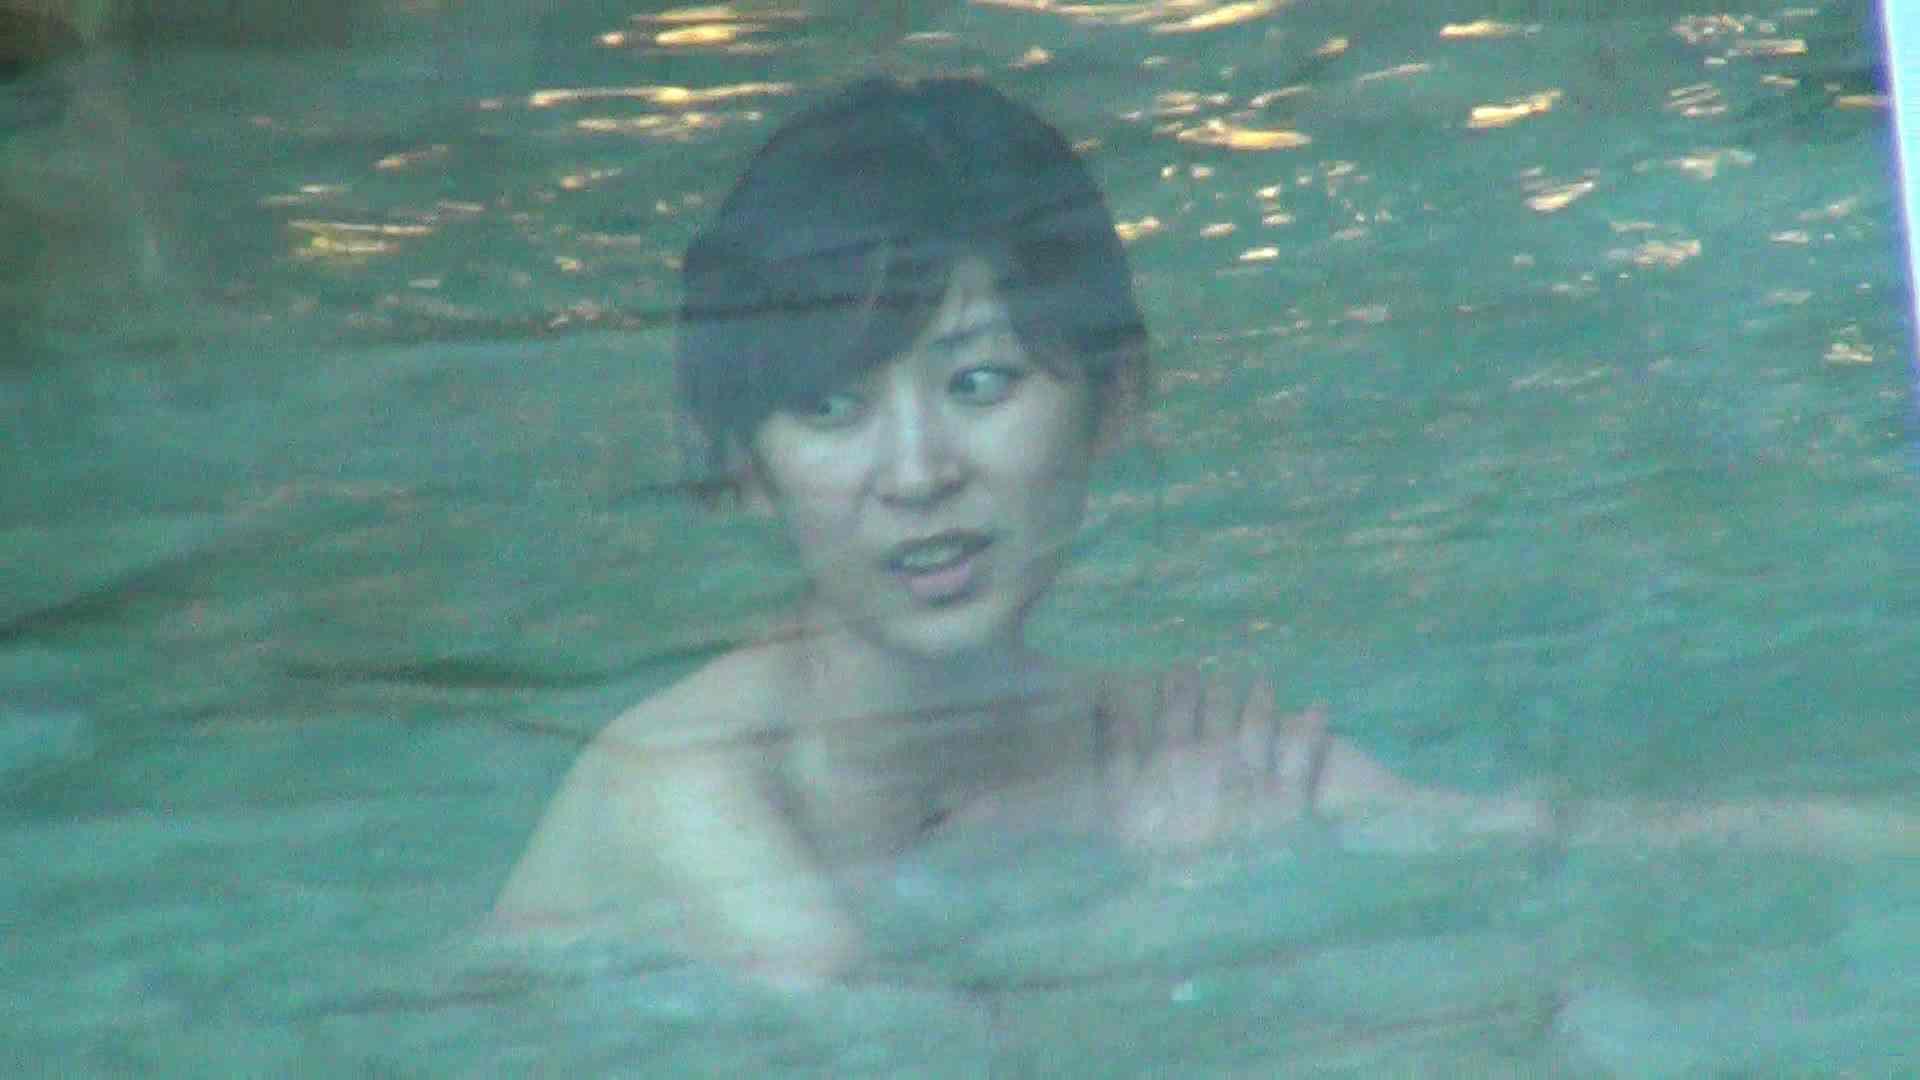 Aquaな露天風呂Vol.294 盗撮 性交動画流出 84枚 68